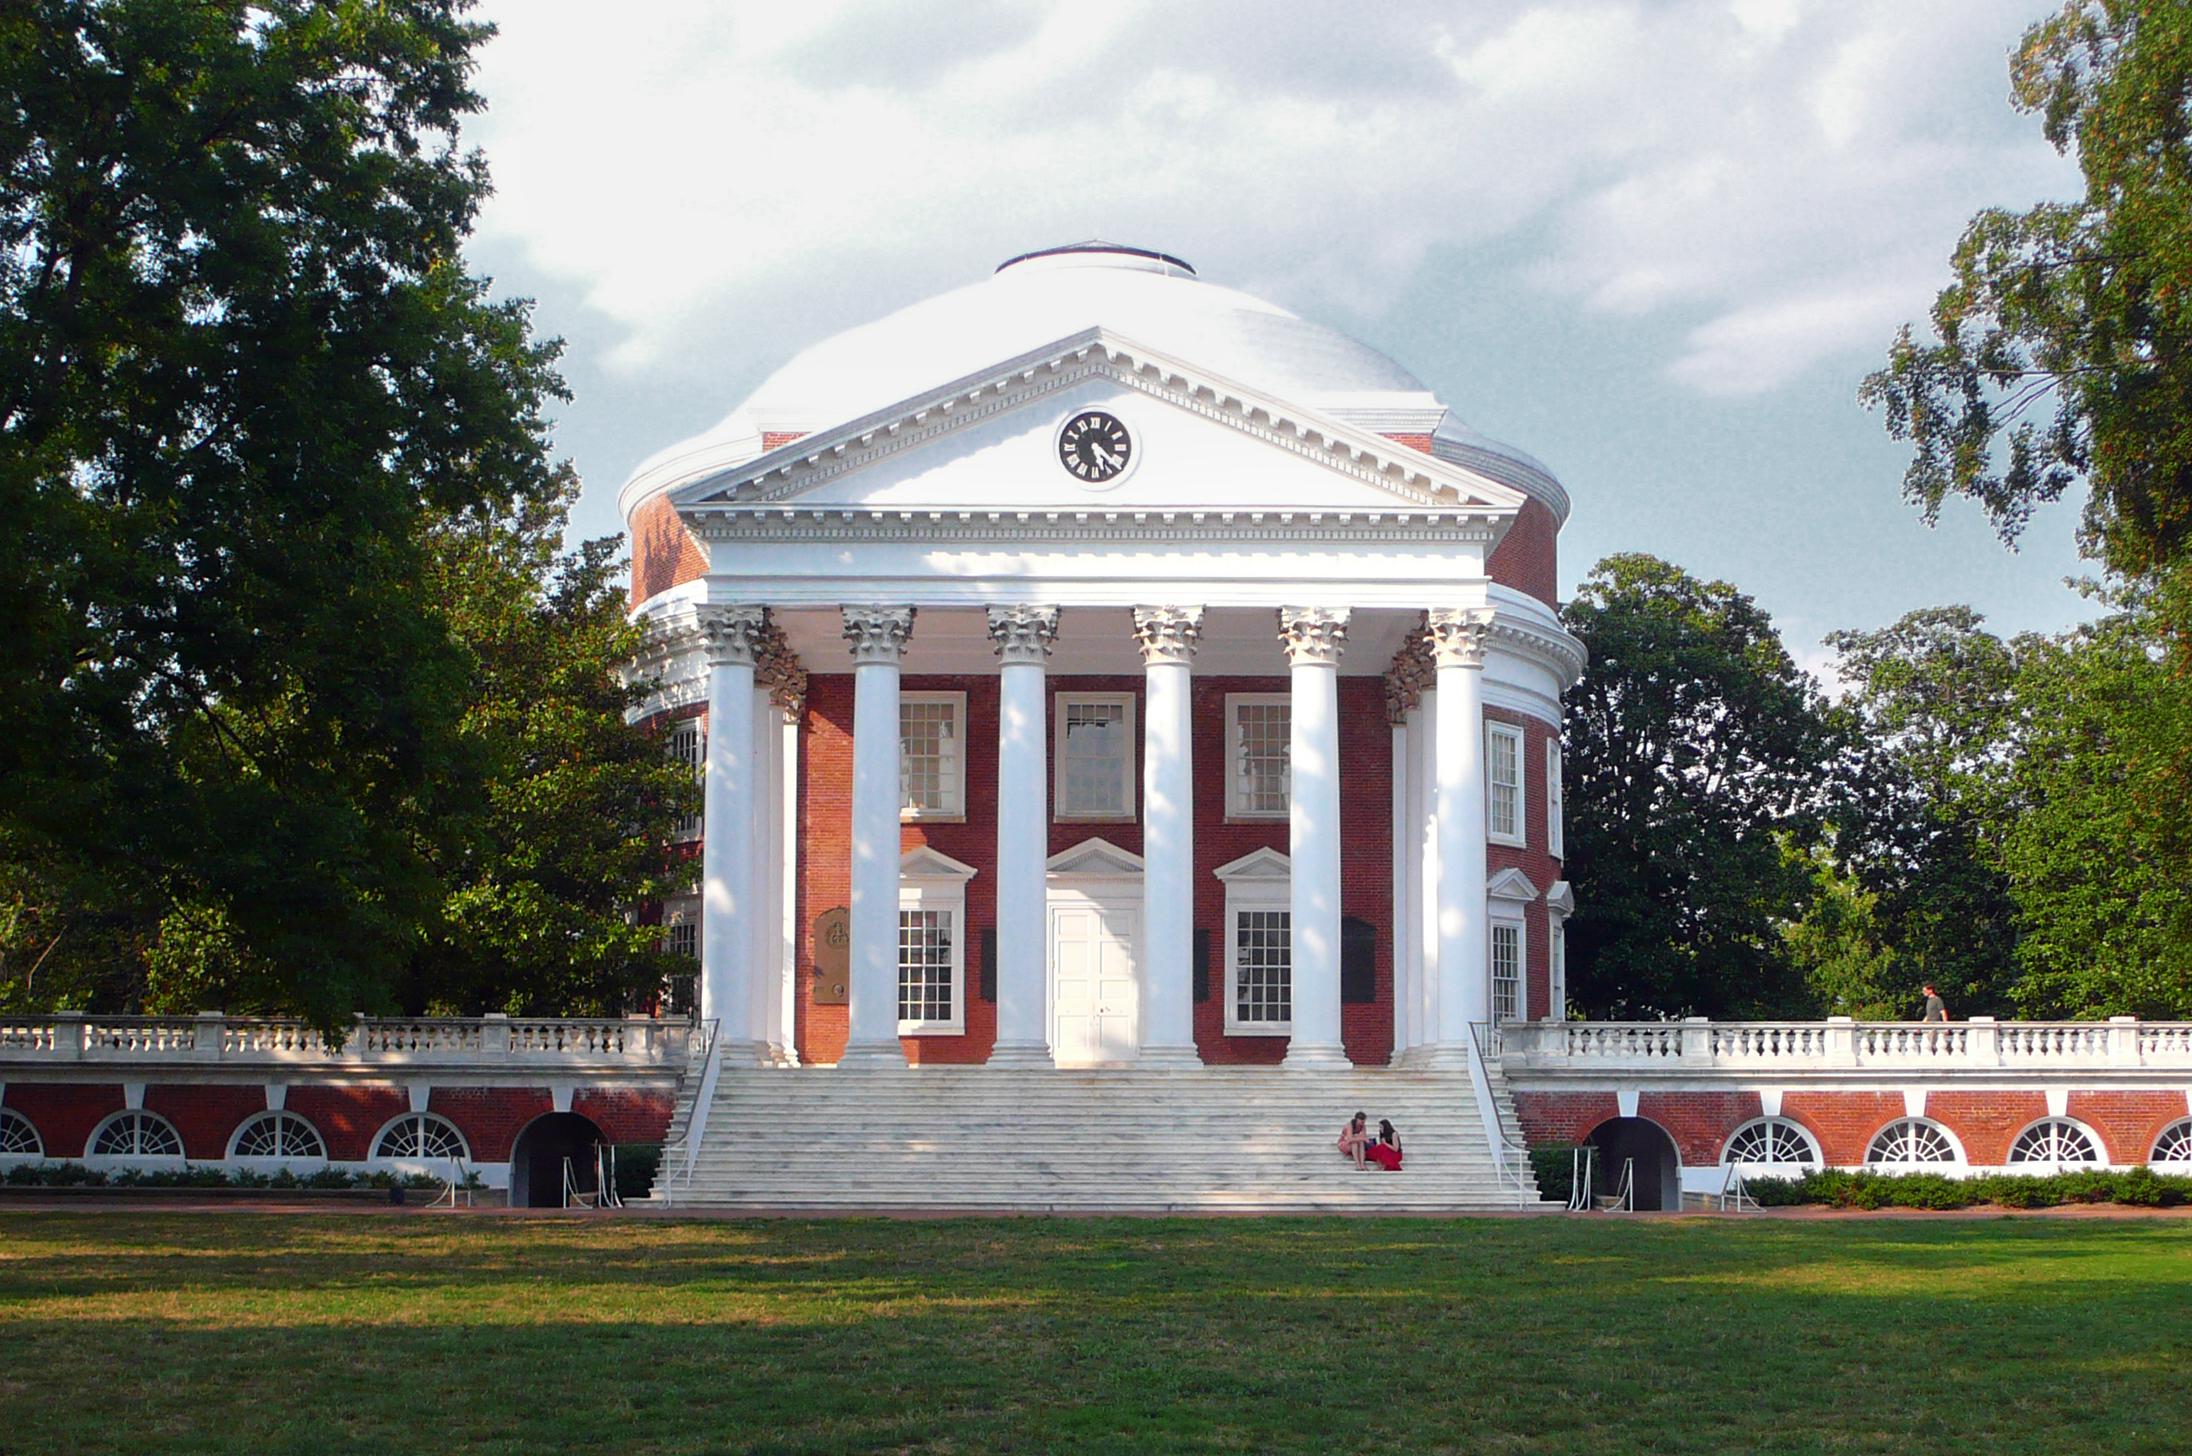 File:UVA Rotunda.jpg - Wikimedia Commons